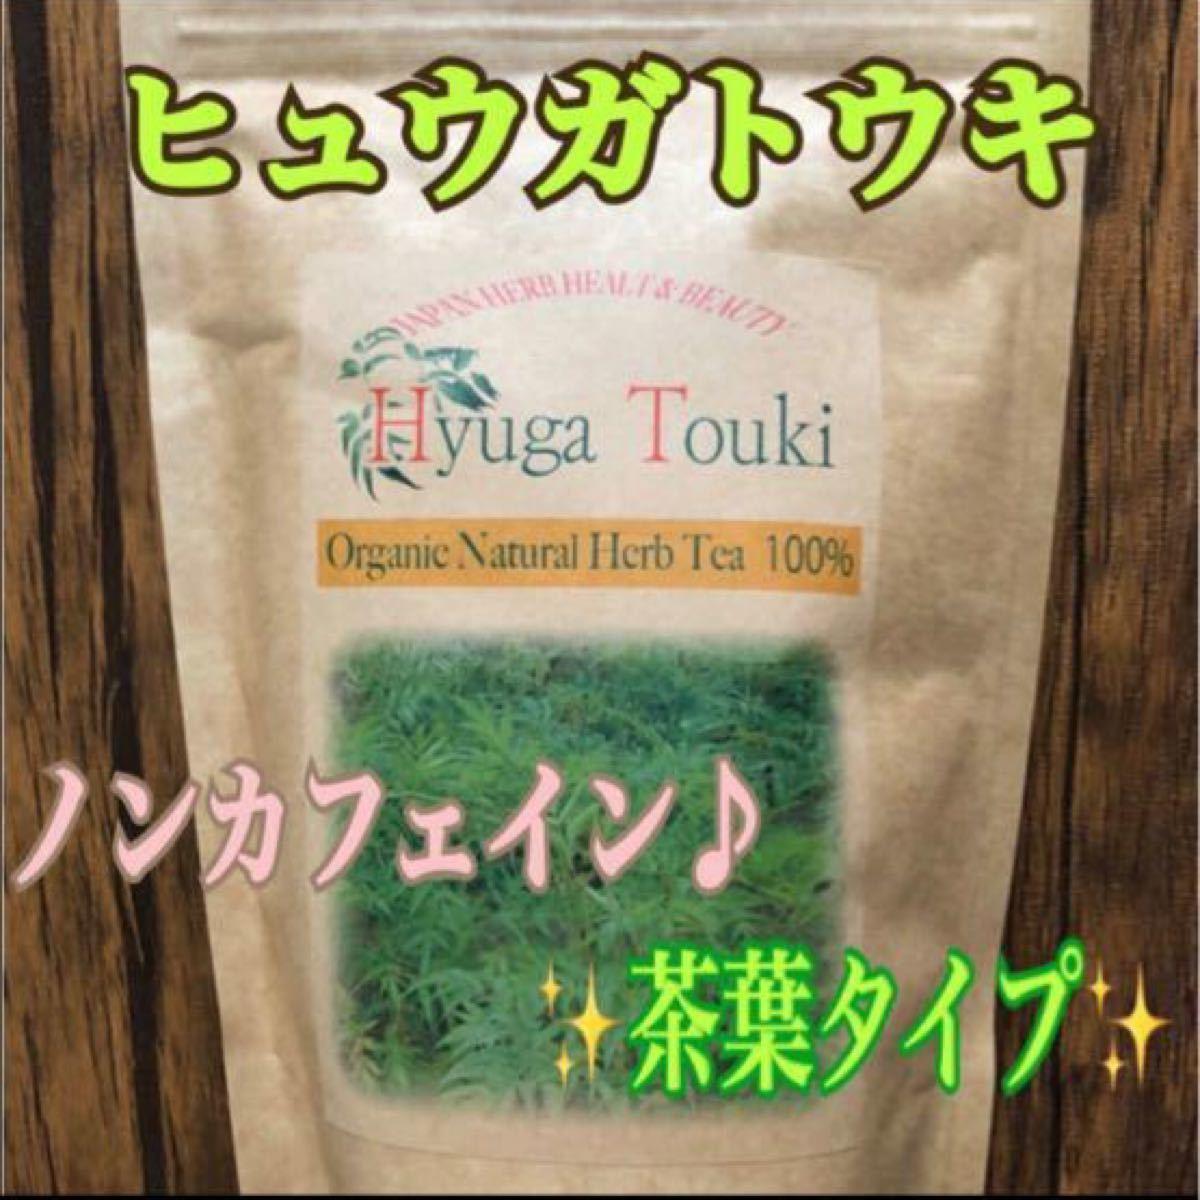 話題沸騰!ヒュウガトウキ 茶葉 国産ハーブティー 健康茶